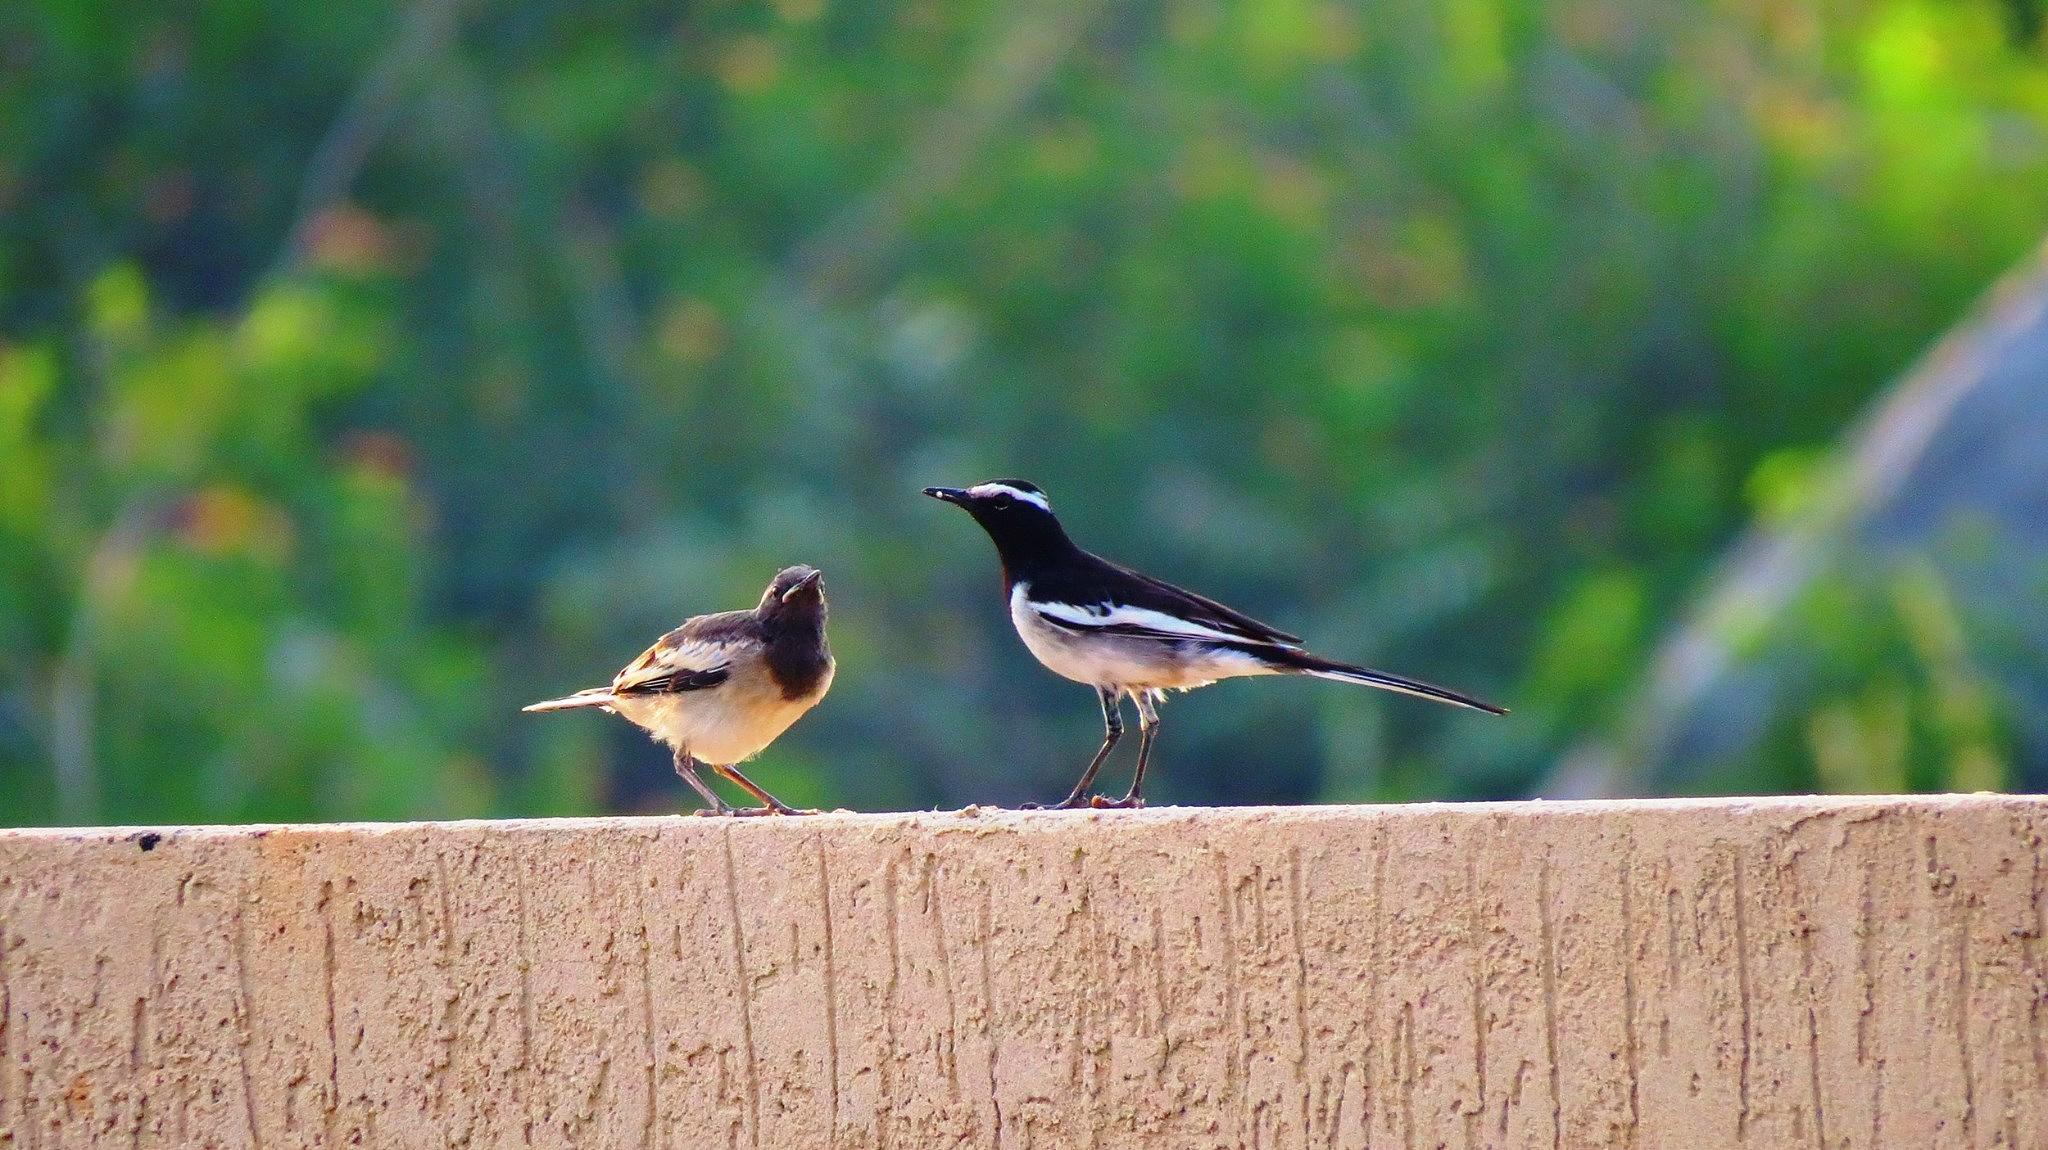 Untitled by pushpita balakrishnan